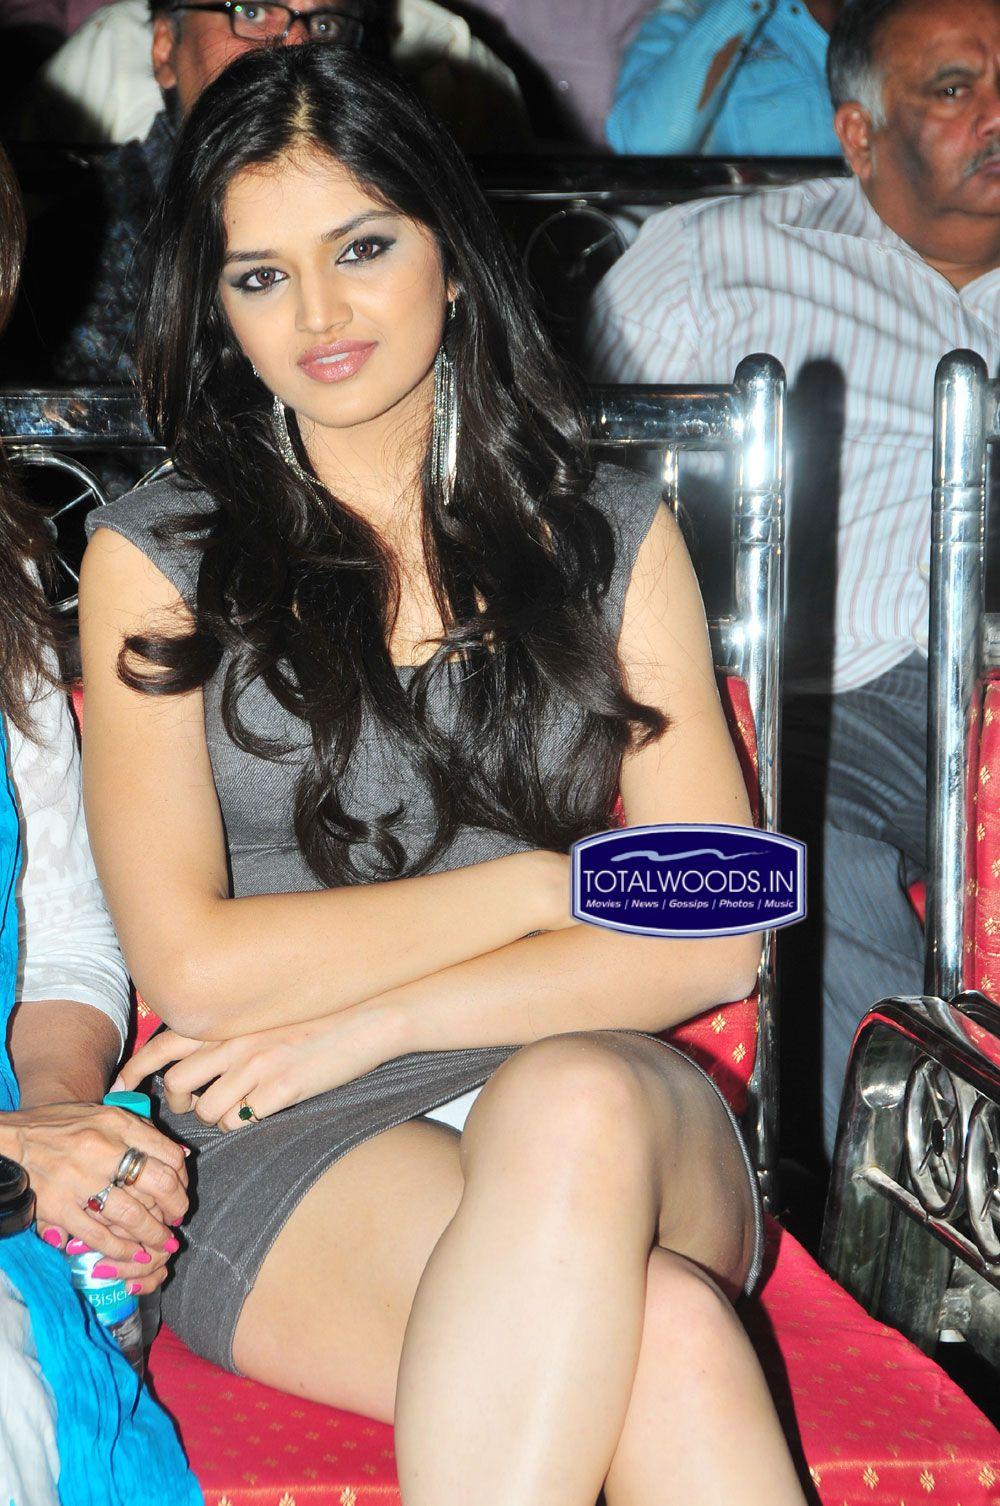 Diksha seth panty youtube